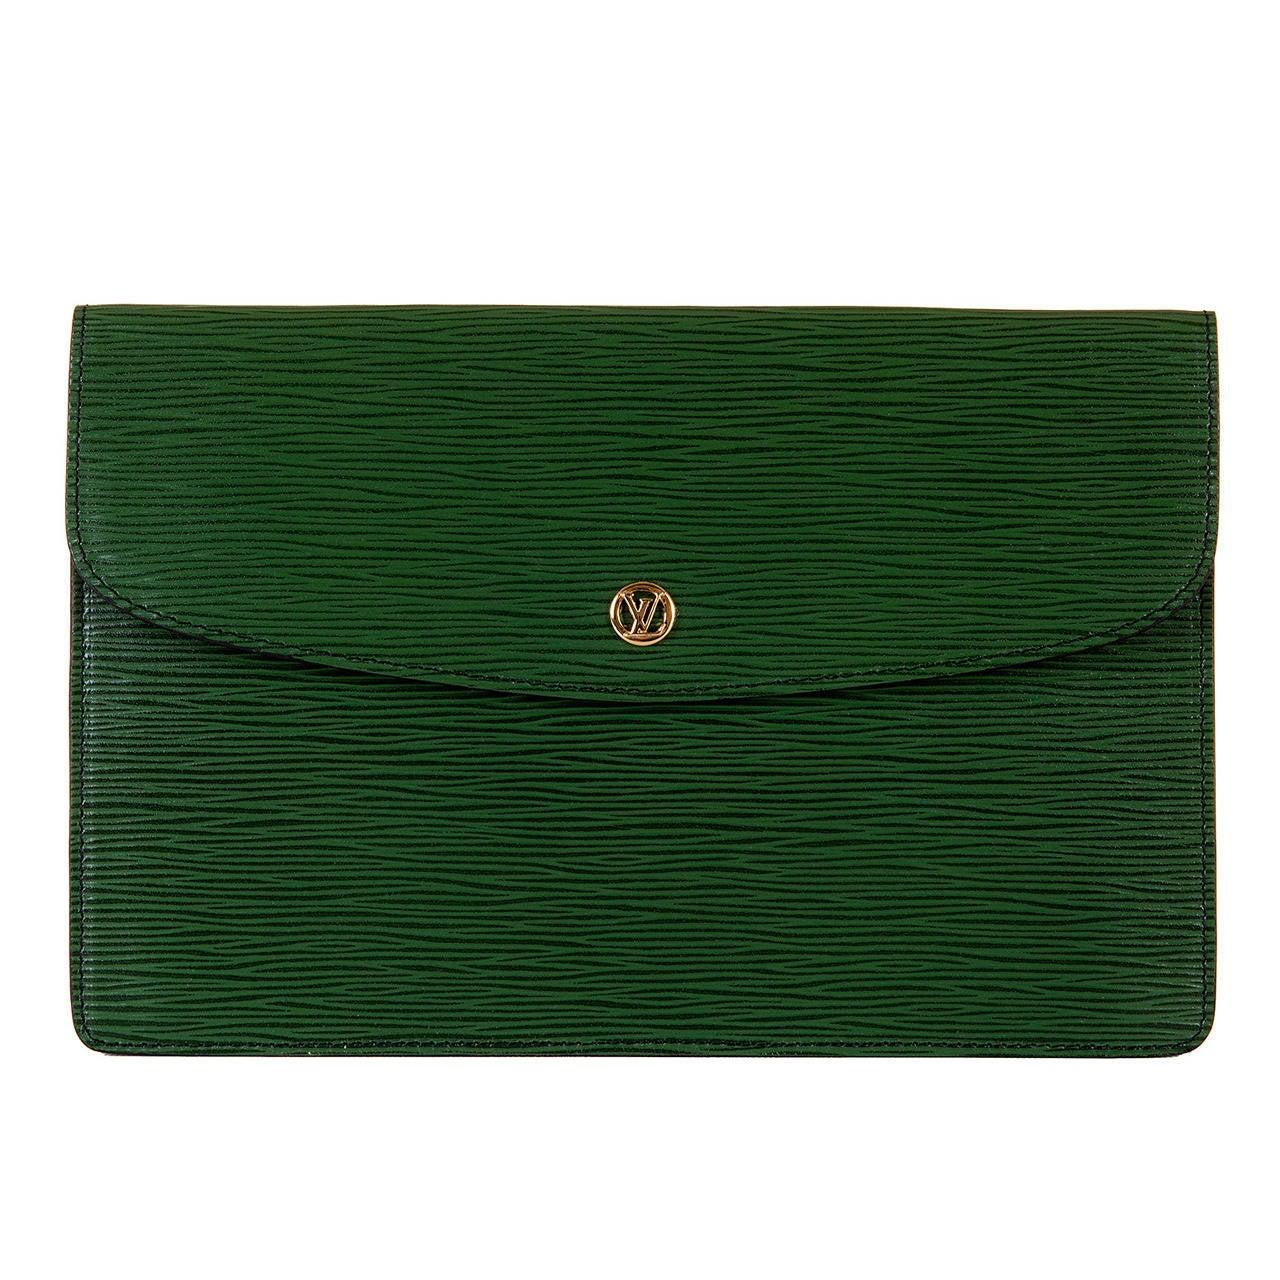 Louis Vuitton 'Menthe' Epi-Leather Clutch Bag 1